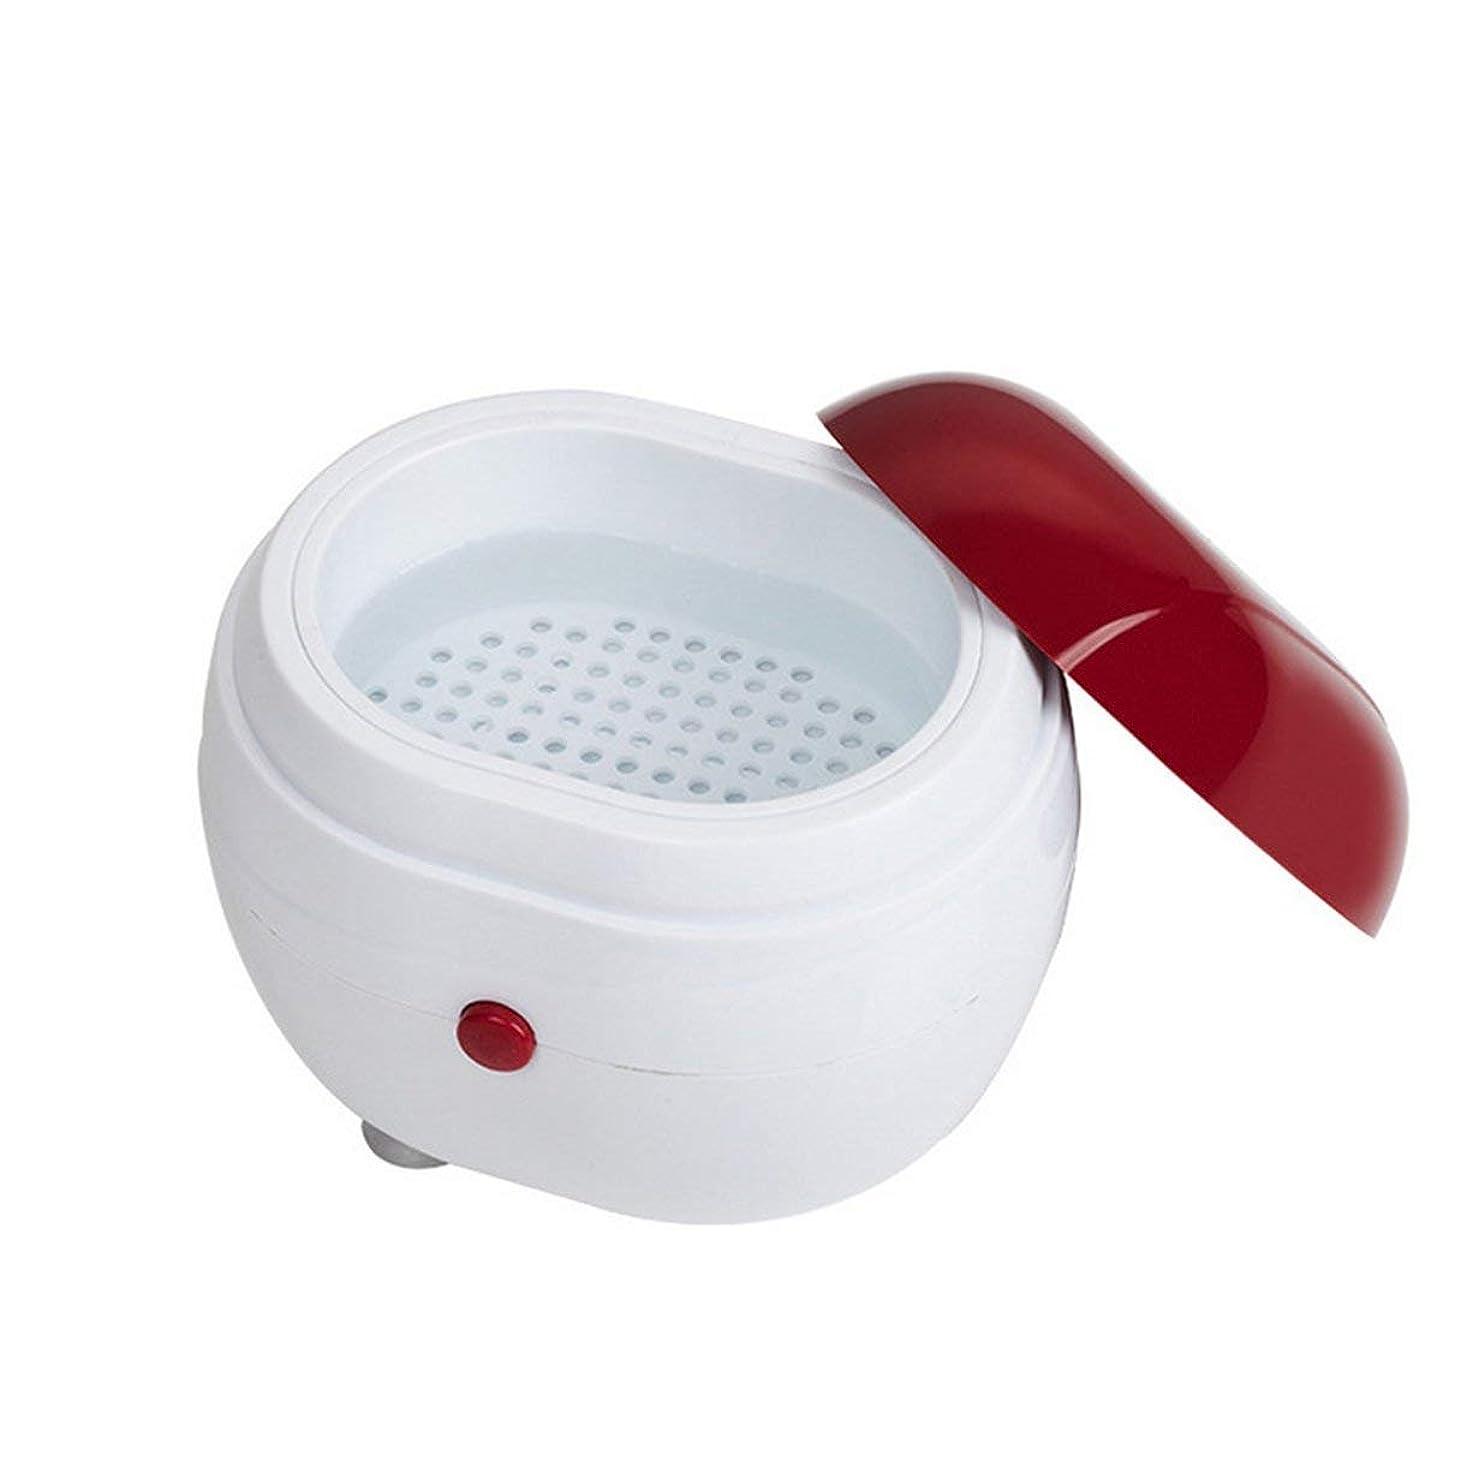 抑圧抑圧とてもポータブル超音波洗濯機家庭用ジュエリーレンズ時計入れ歯クリーニング機洗濯機クリーナークリーニングボックス - 赤&白